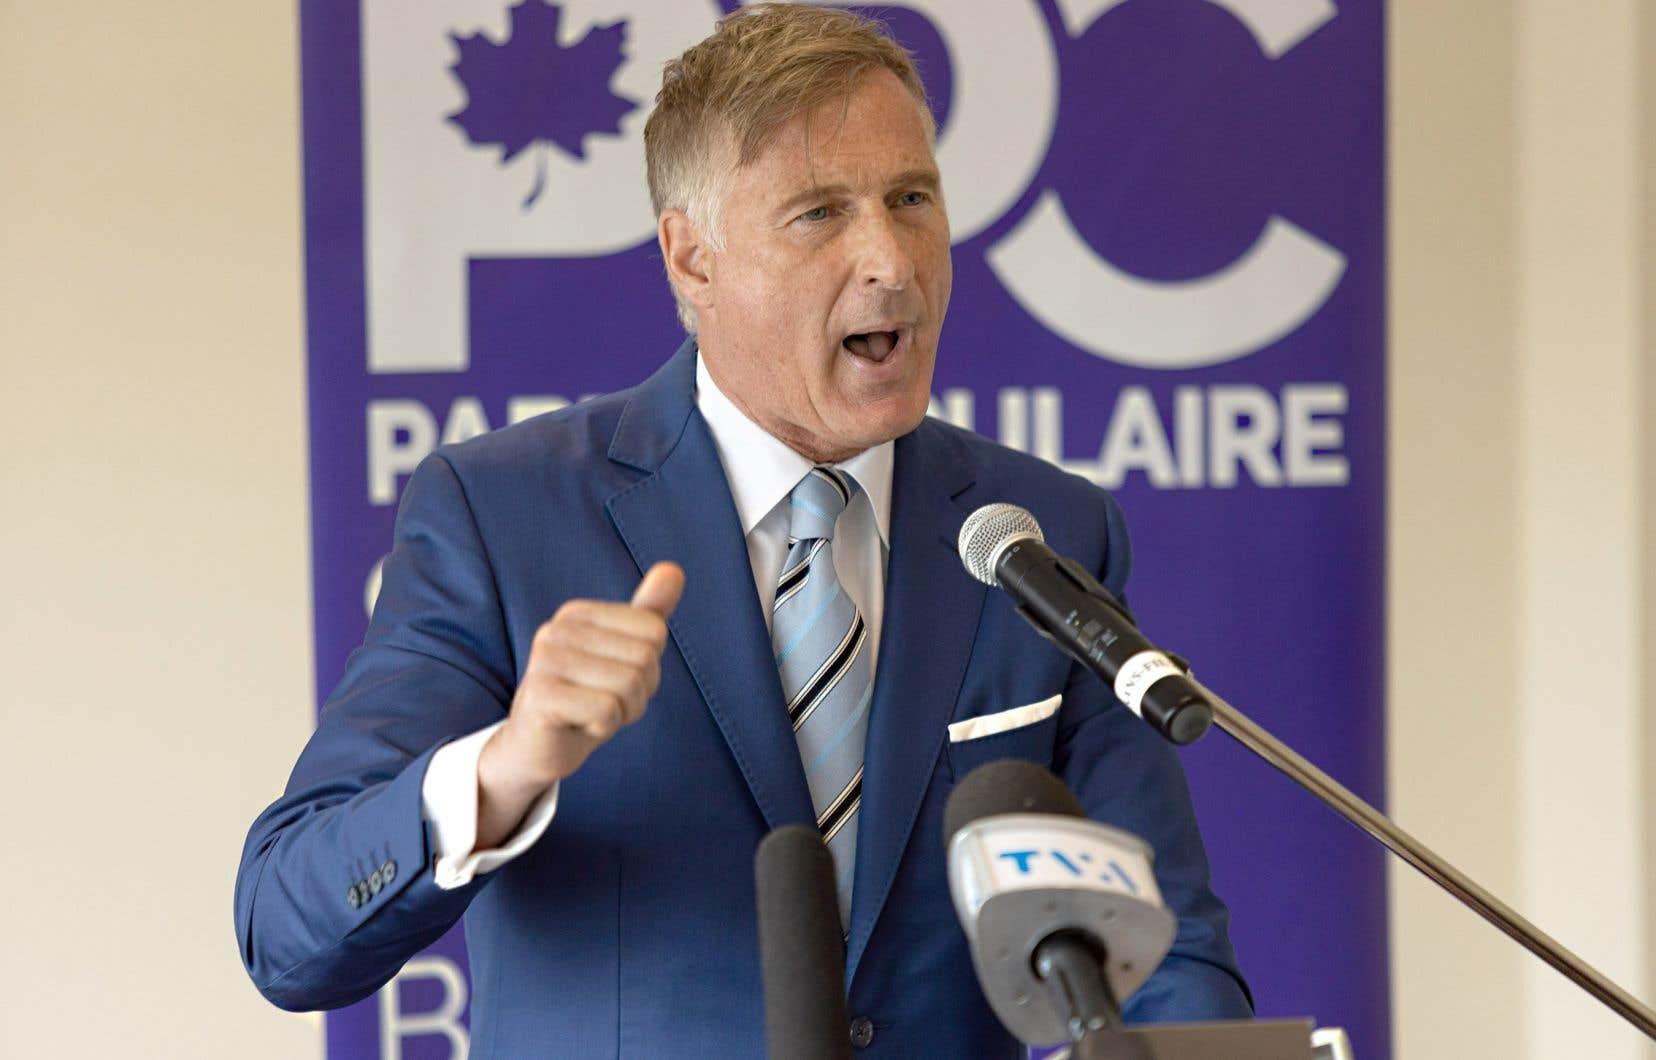 À part une dizaine de représentants des médias, seuls quelques membres de l'équipe de Maxime Bernier étaient présents au lancement de sa campagne, en plus de sa famille.